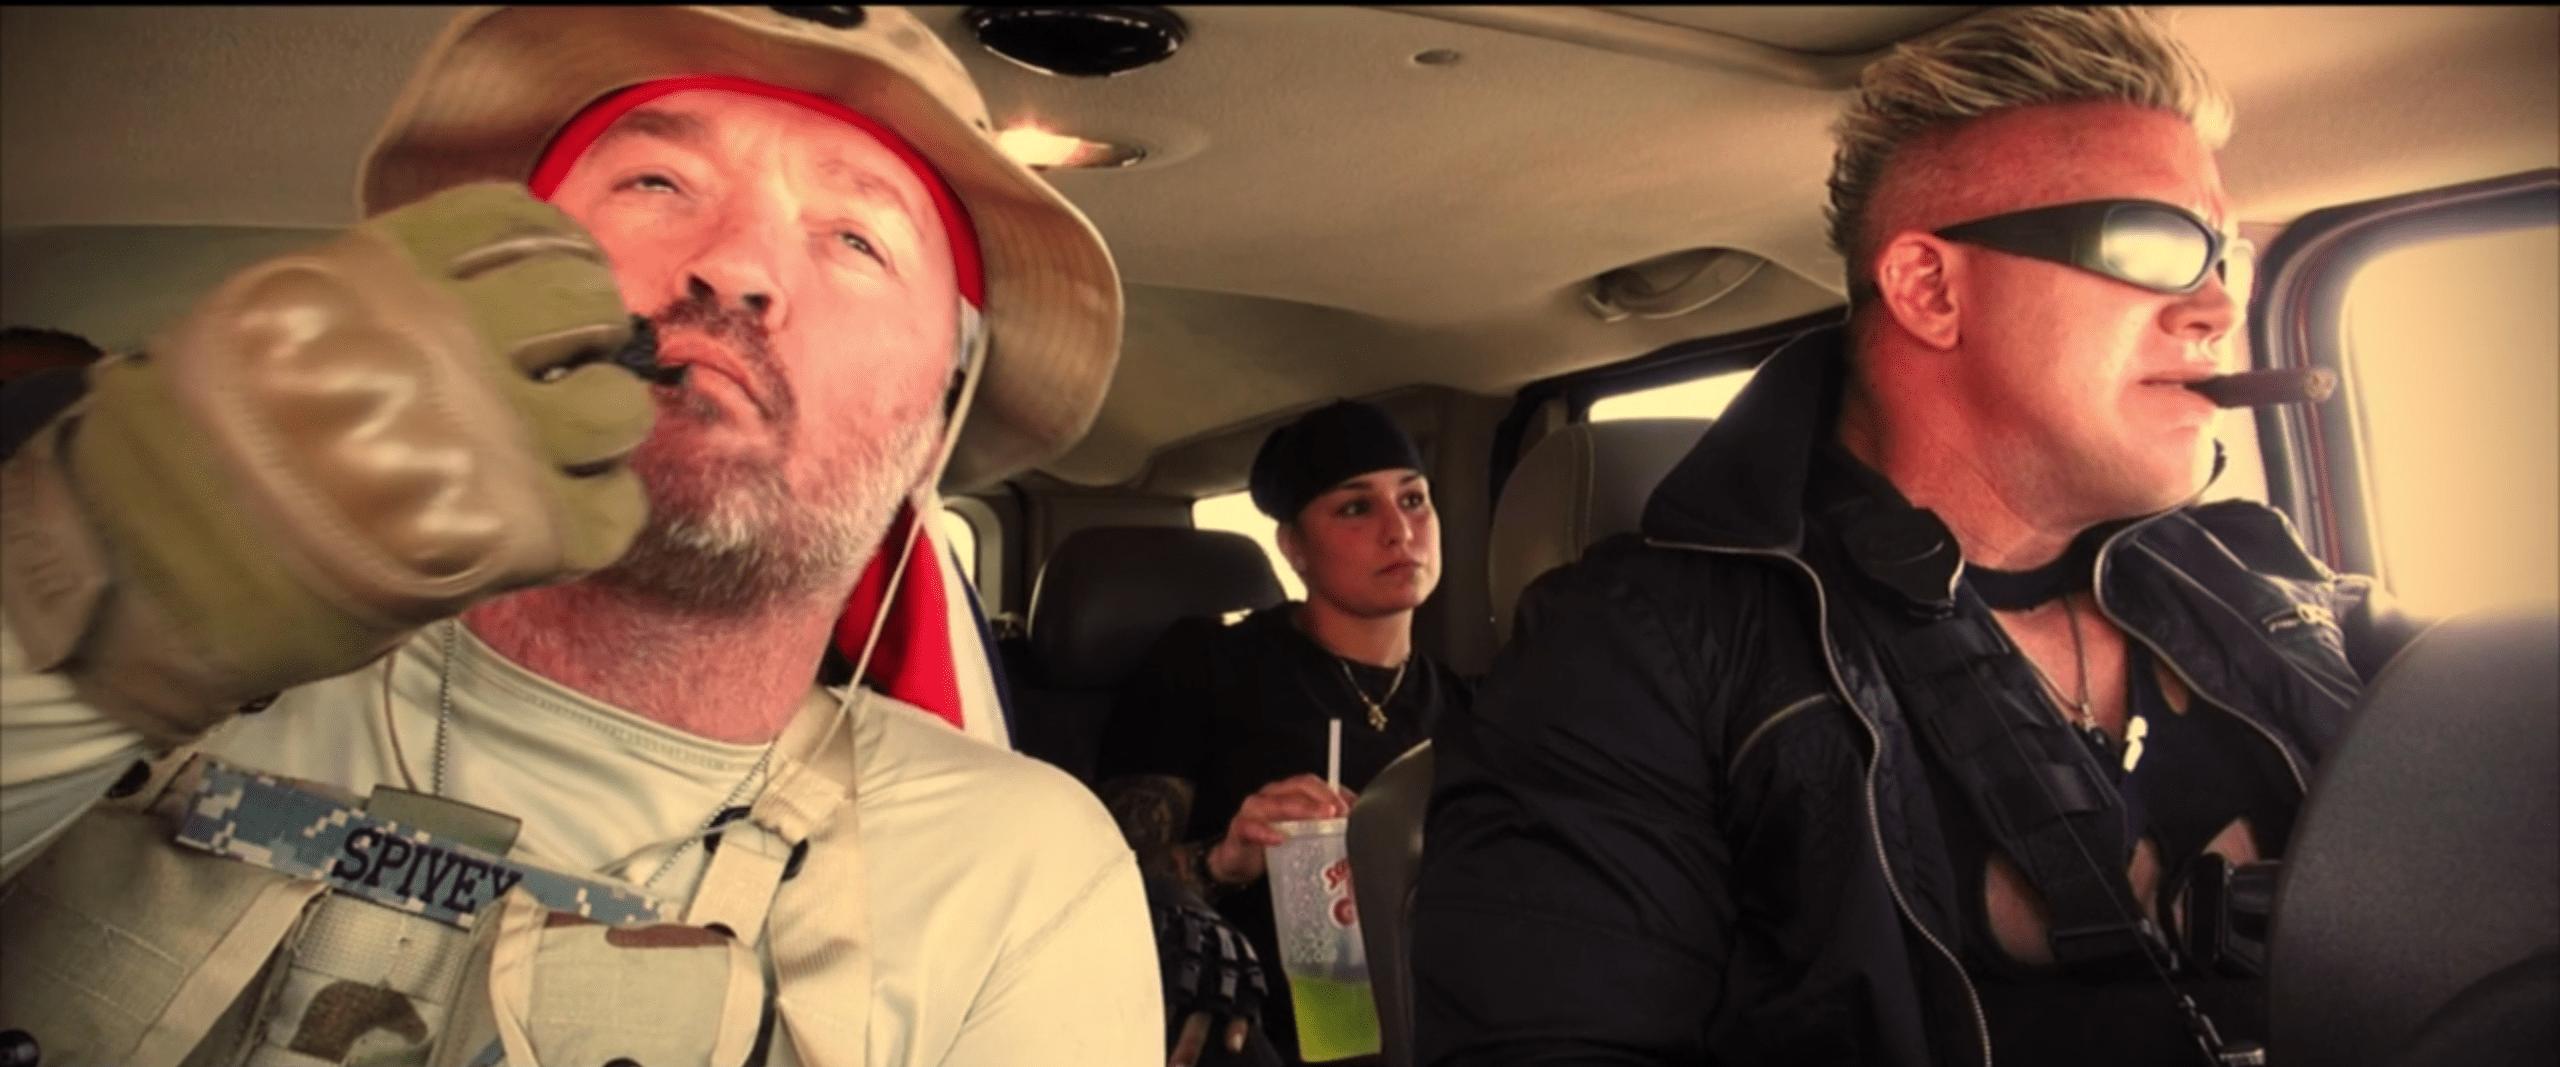 The commandos inside their car